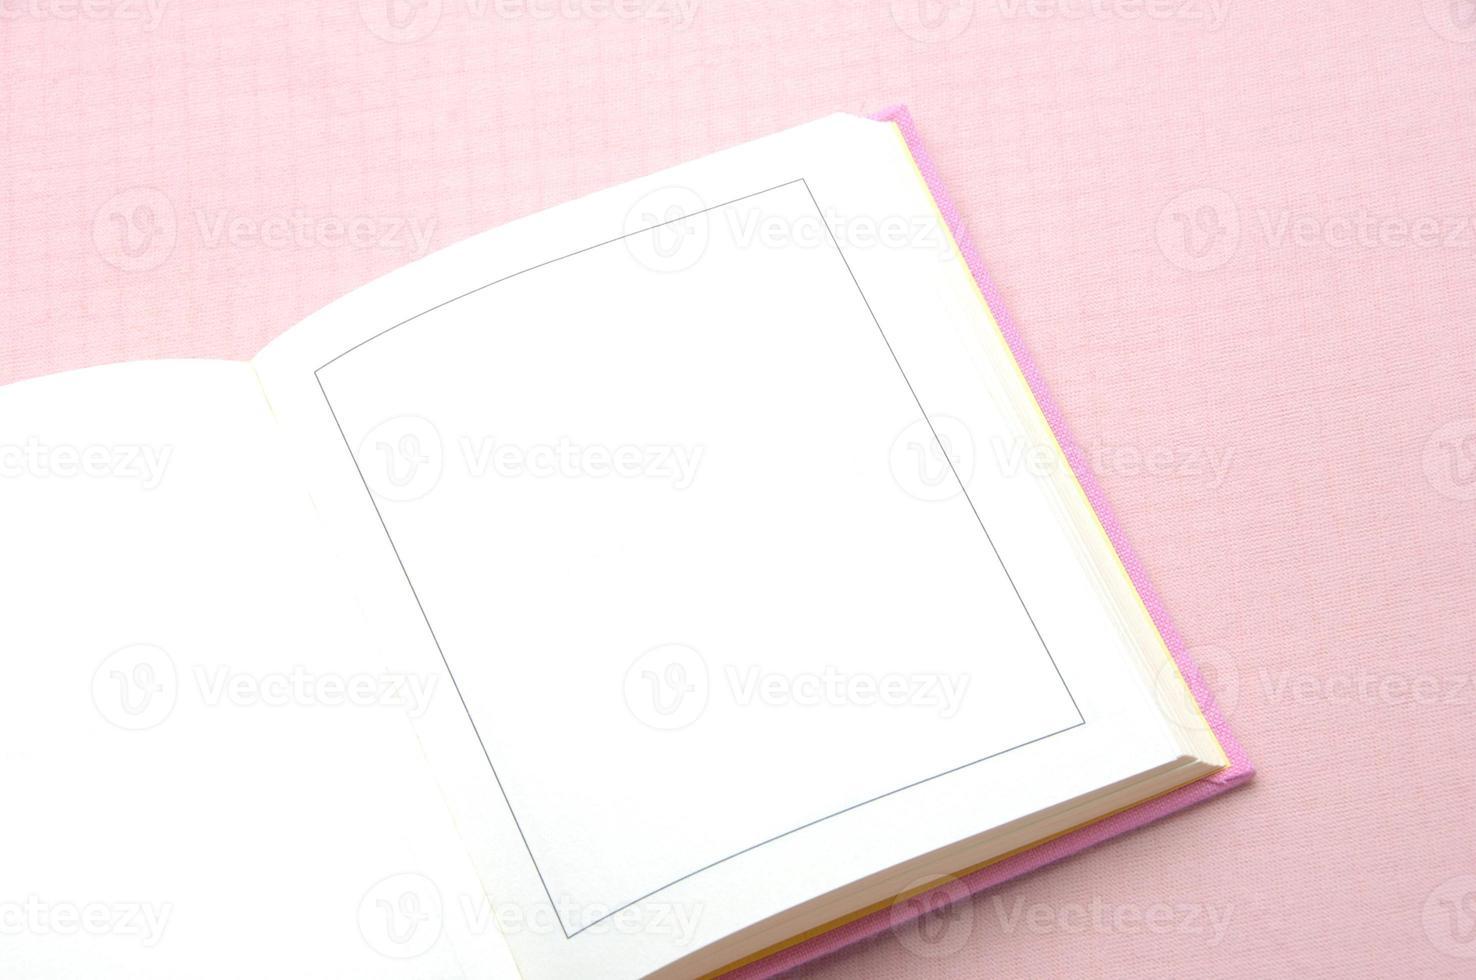 libro aperto su sfondo rosa foto